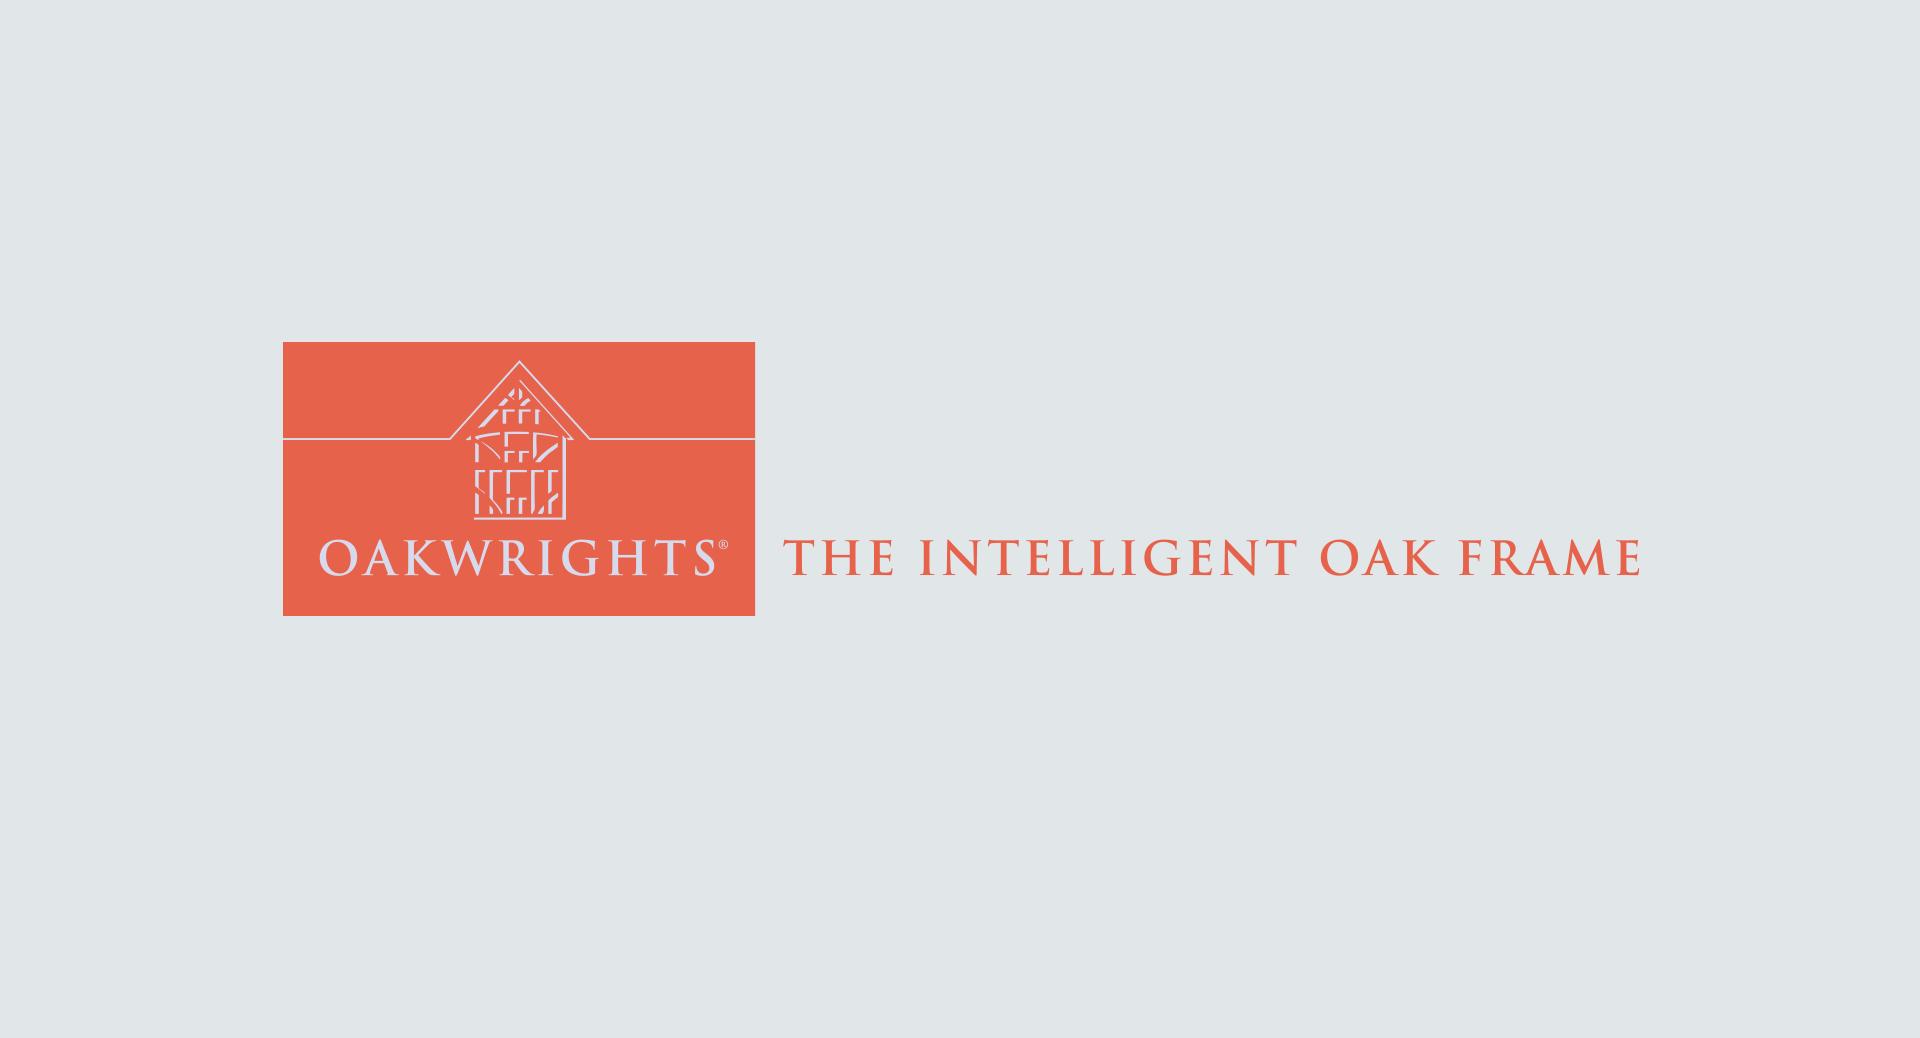 oakwrights intelligent oak frame